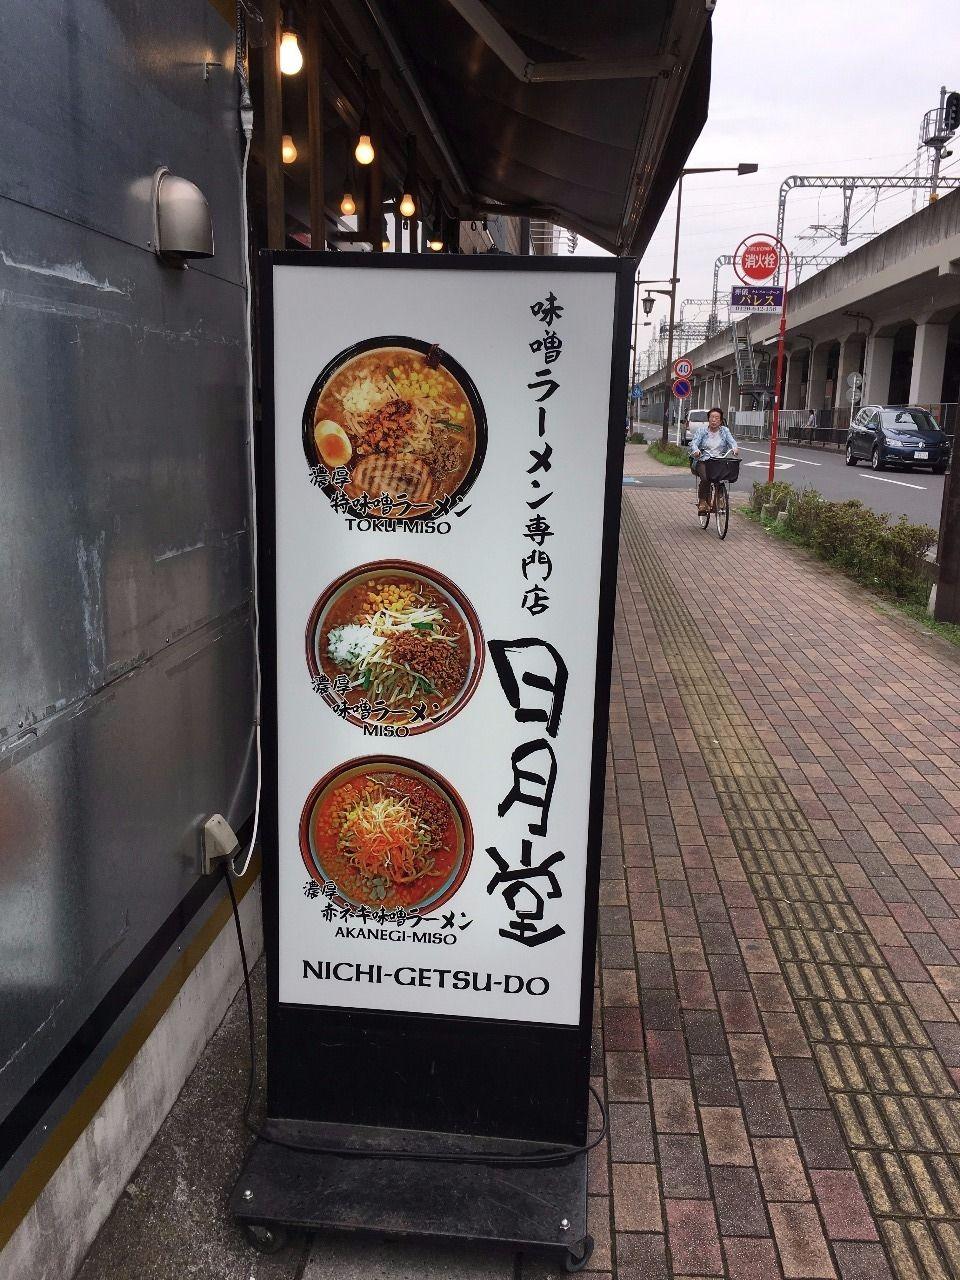 日月堂さんは味噌ラーメン専門店です!